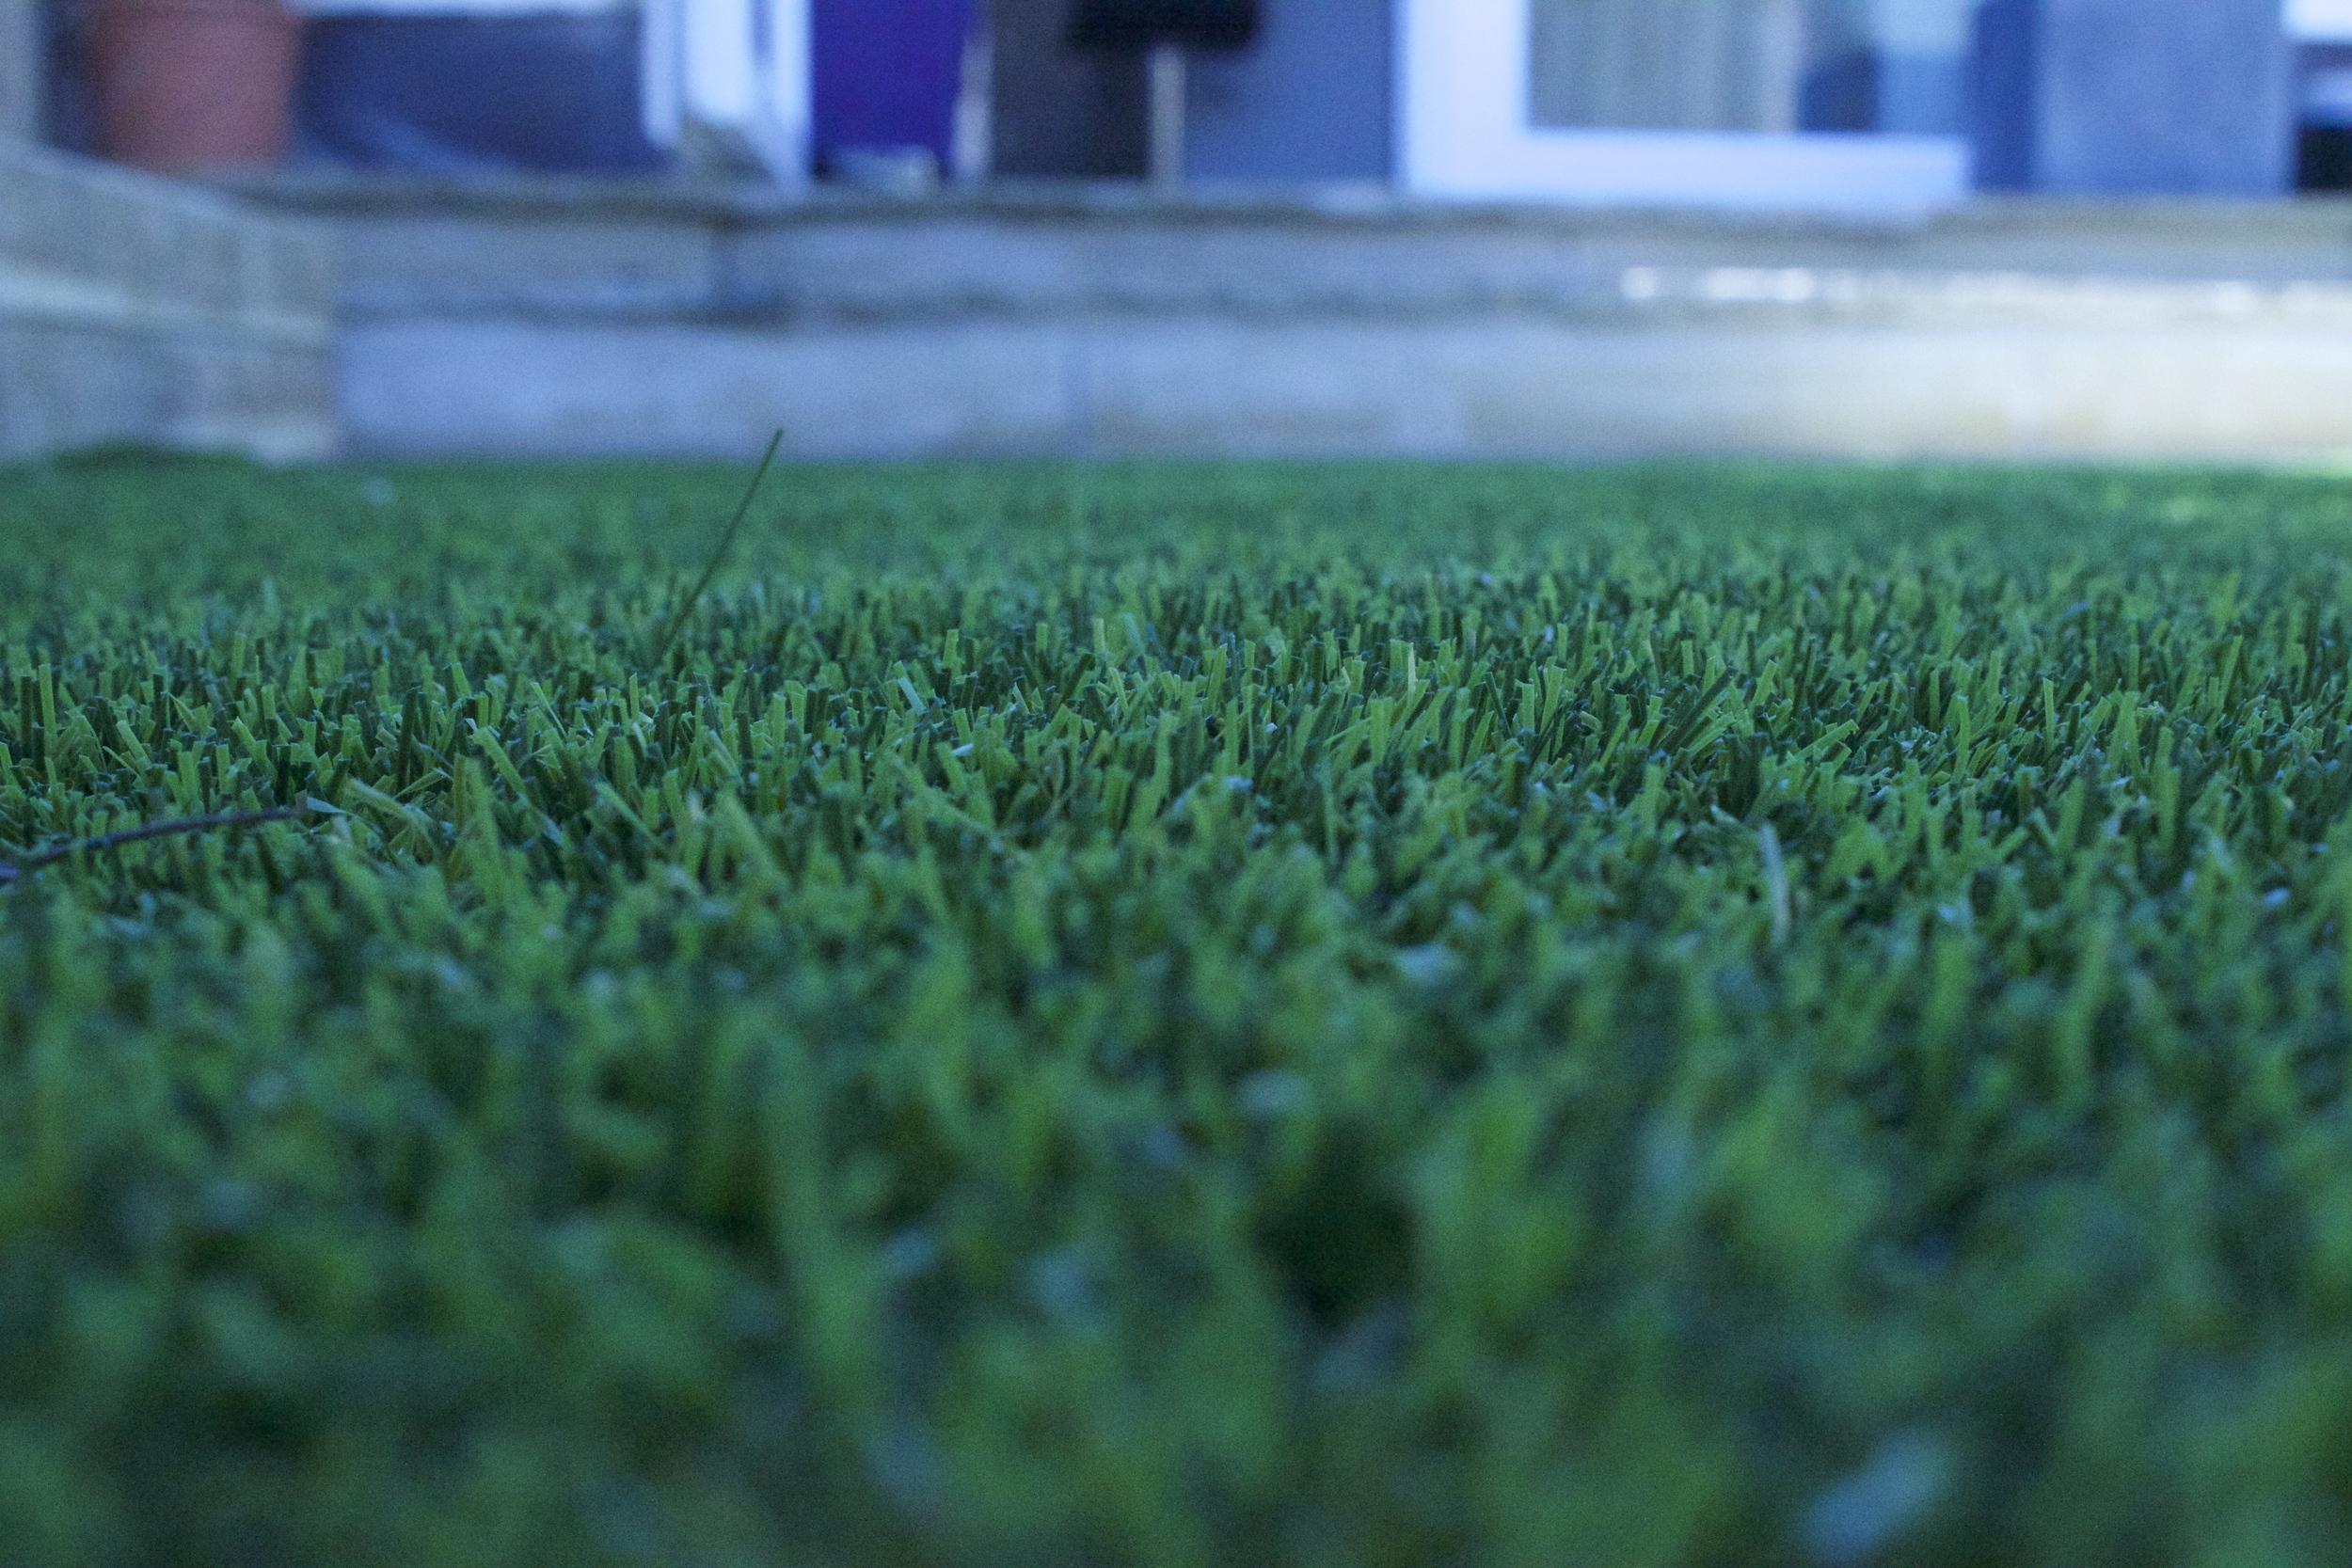 Evergreen Grass